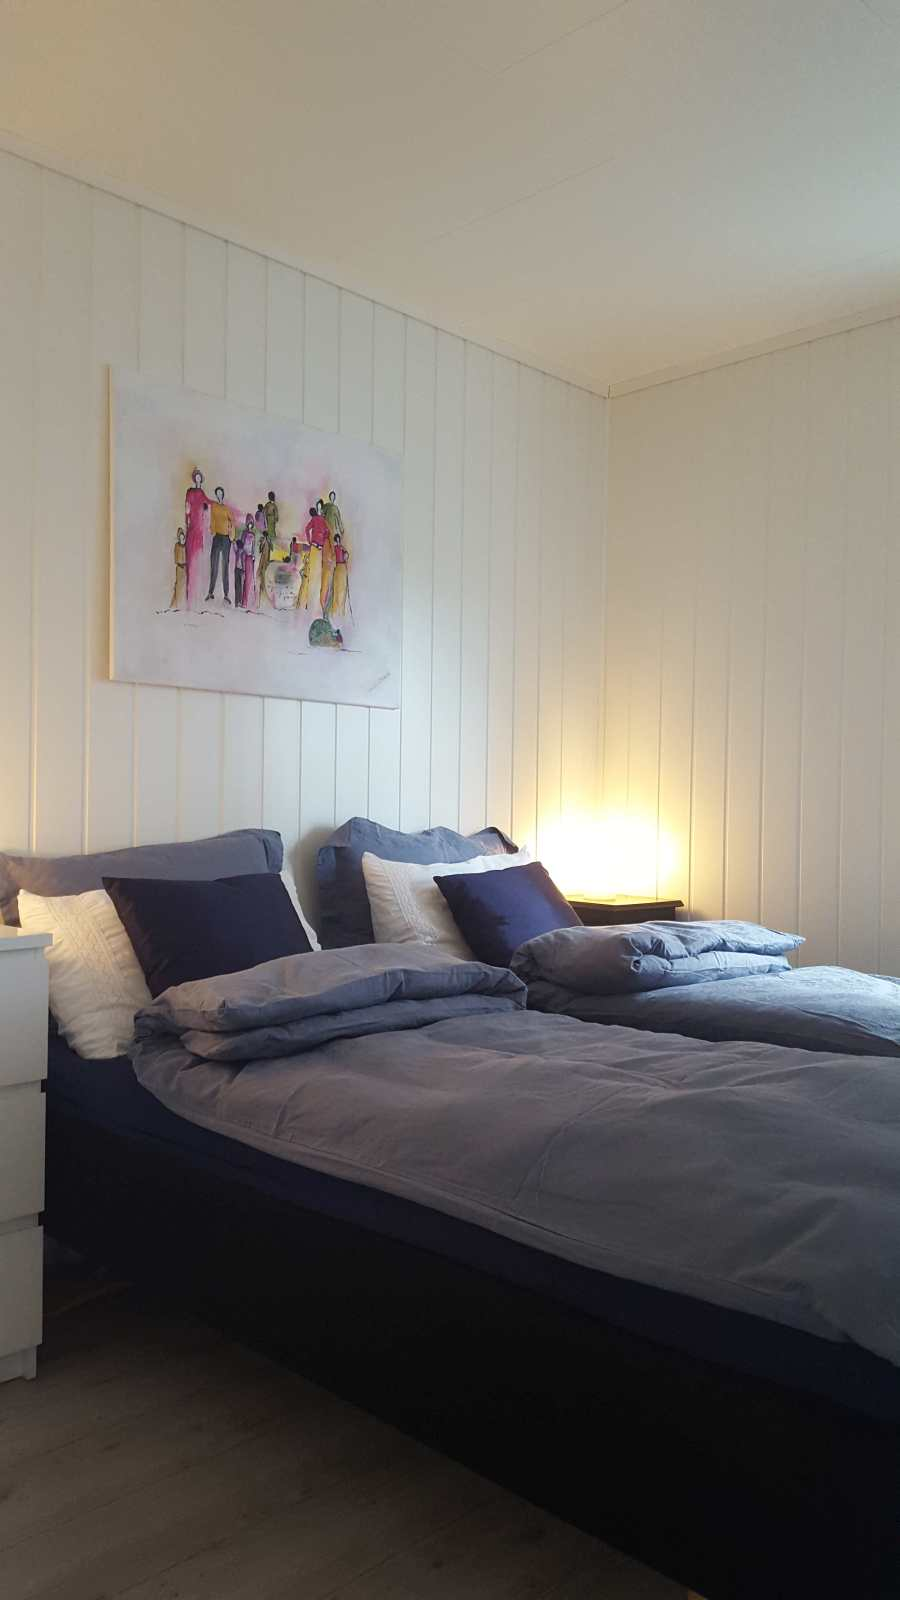 Wohnbeispiel: Schlafzimmer mit Doppelbett